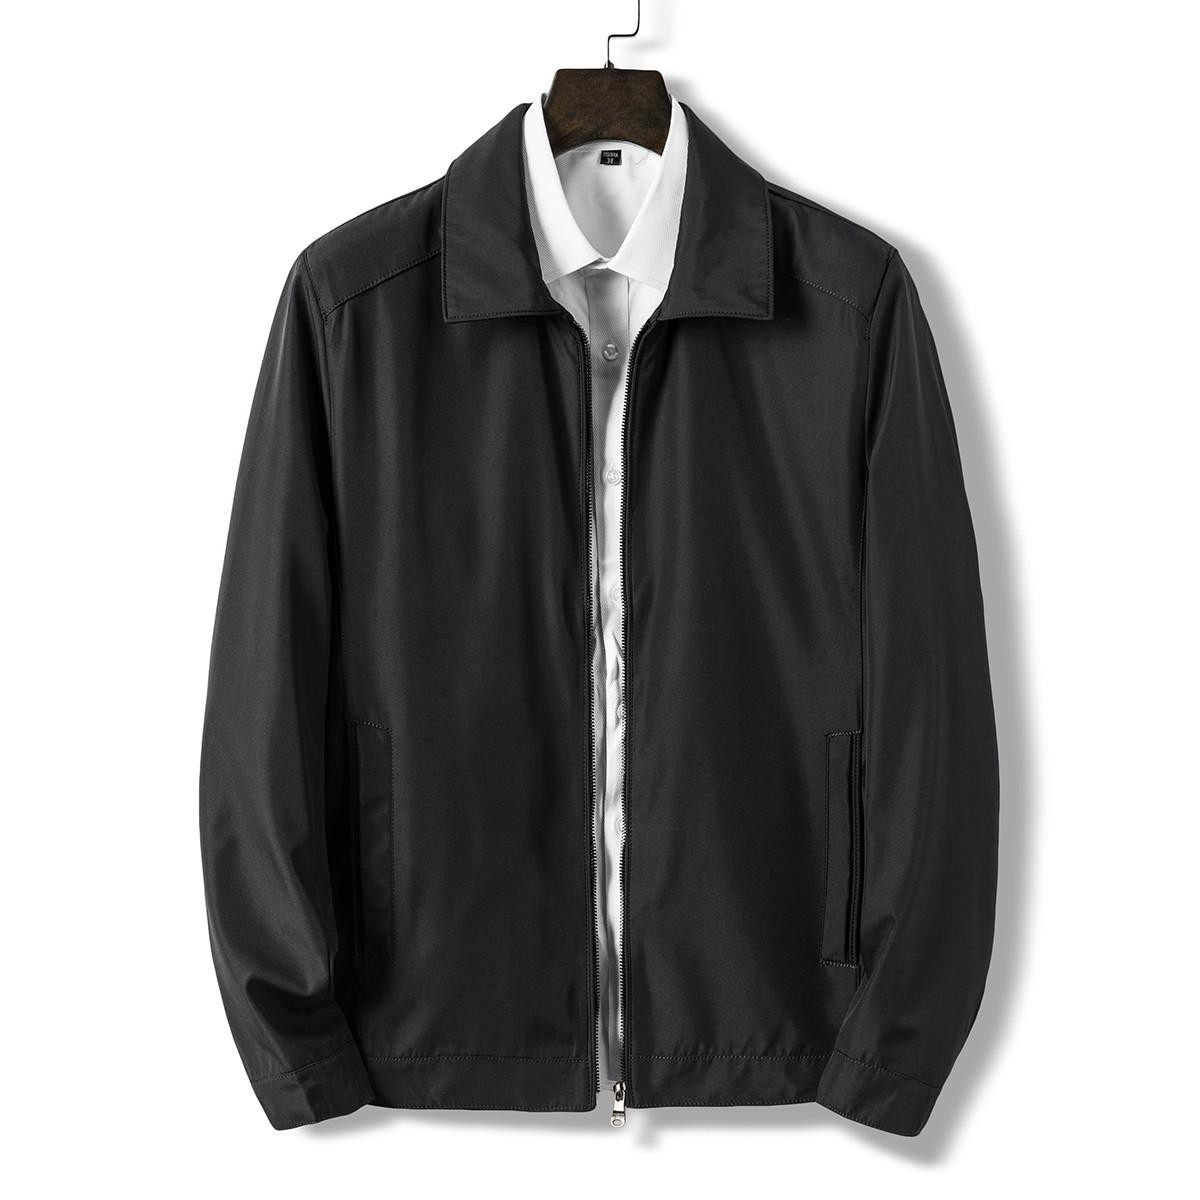 149元包邮  罗蒙 QC80599 男式夹克